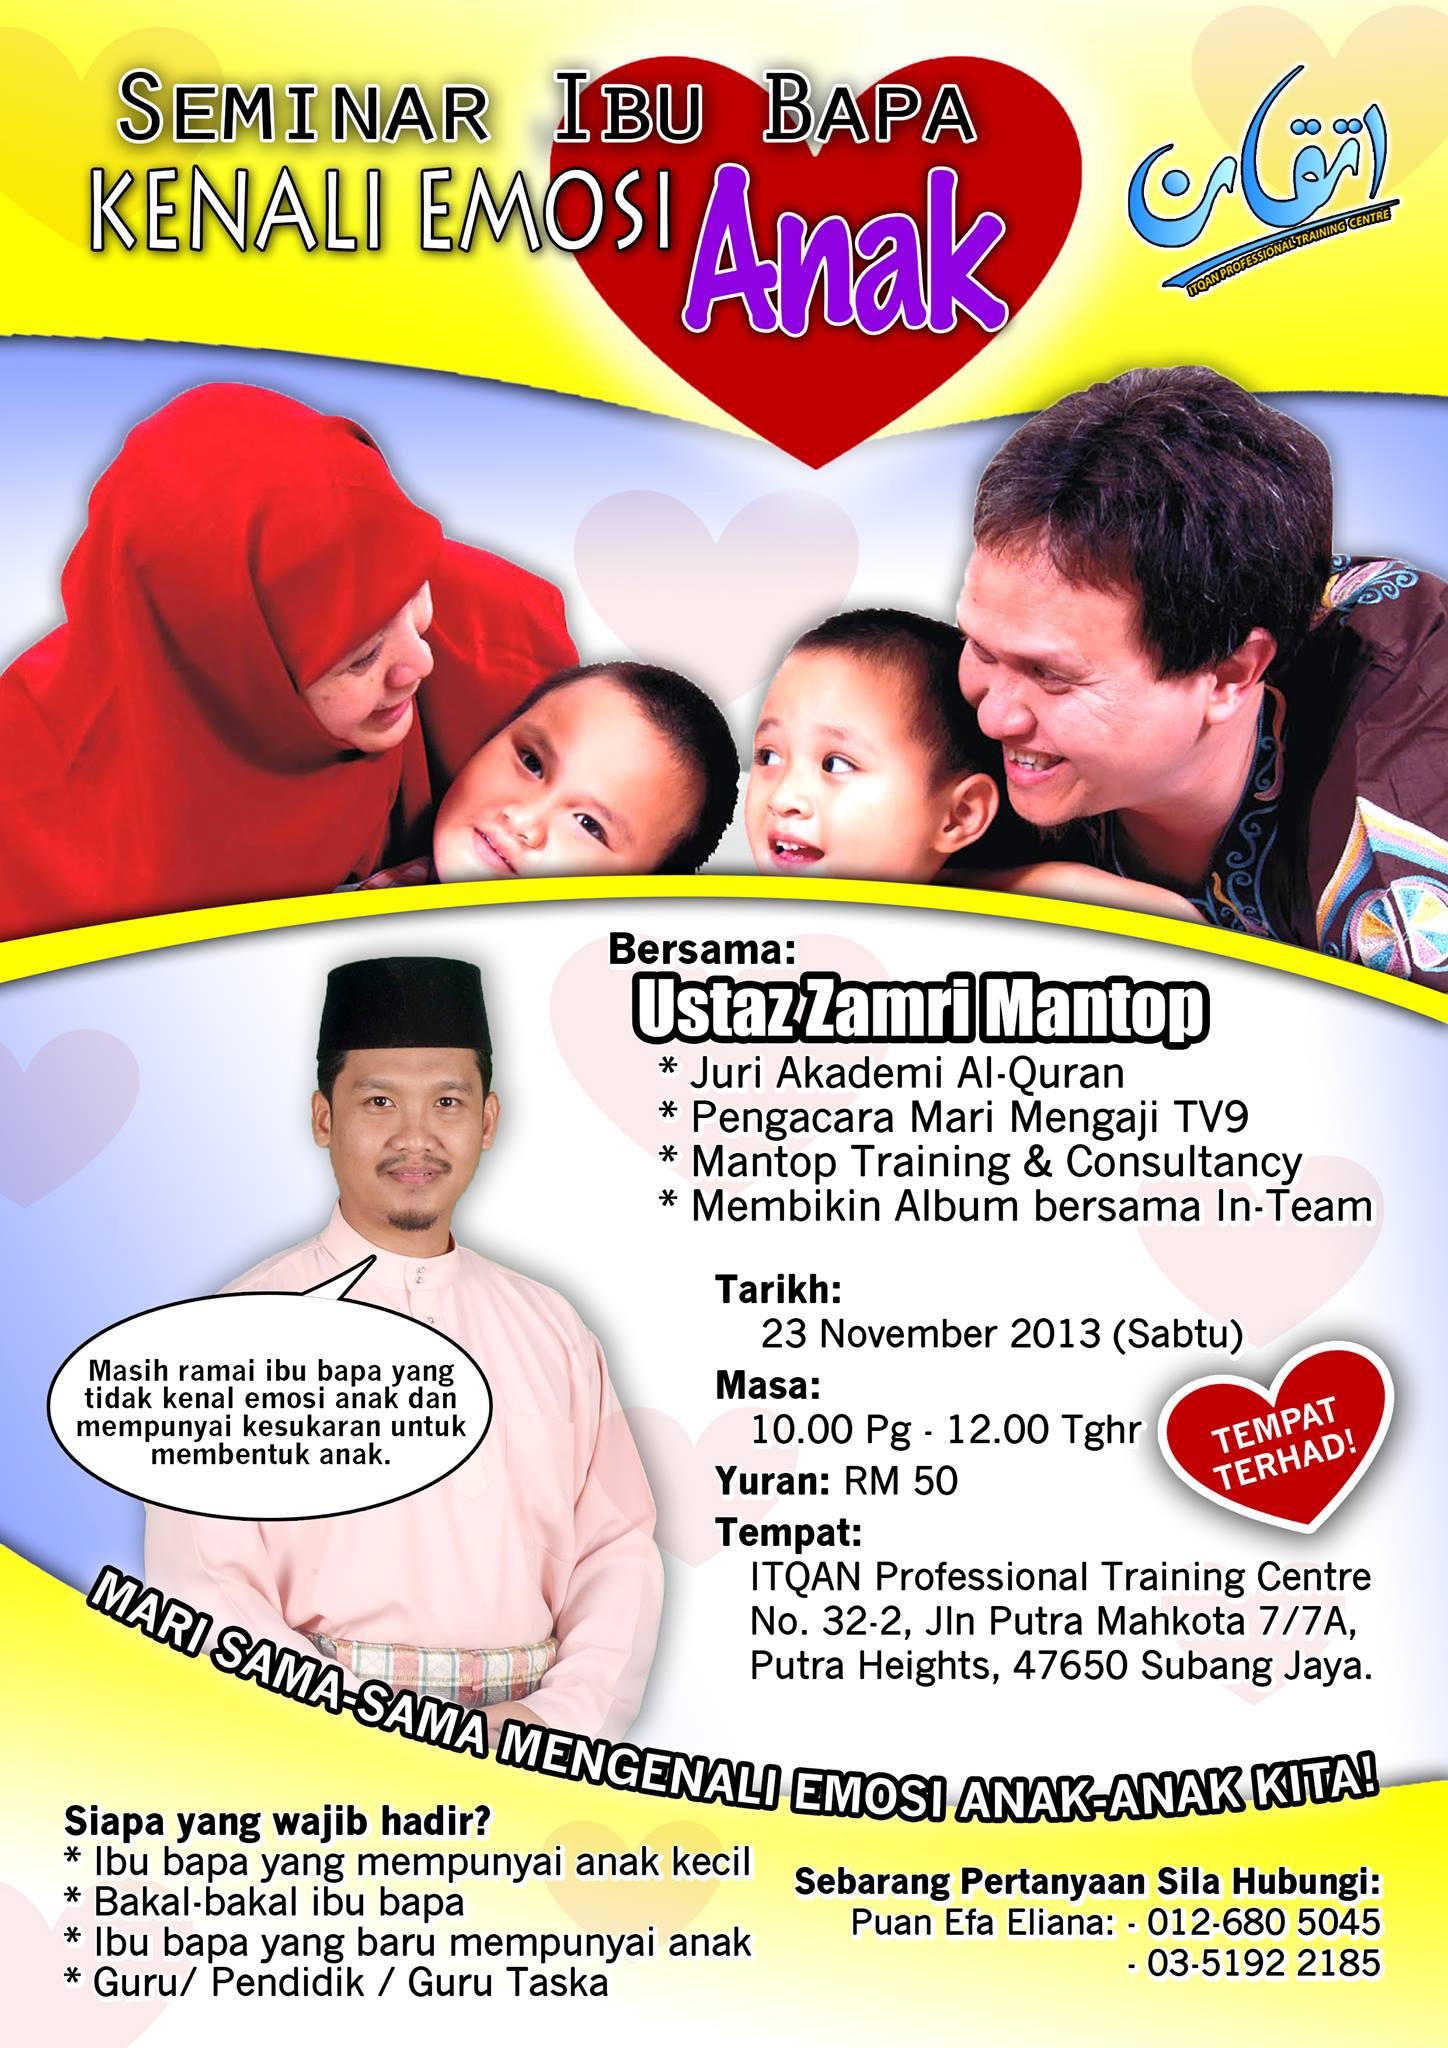 Seminar Ibu-bapa: Kenali emosi Anak